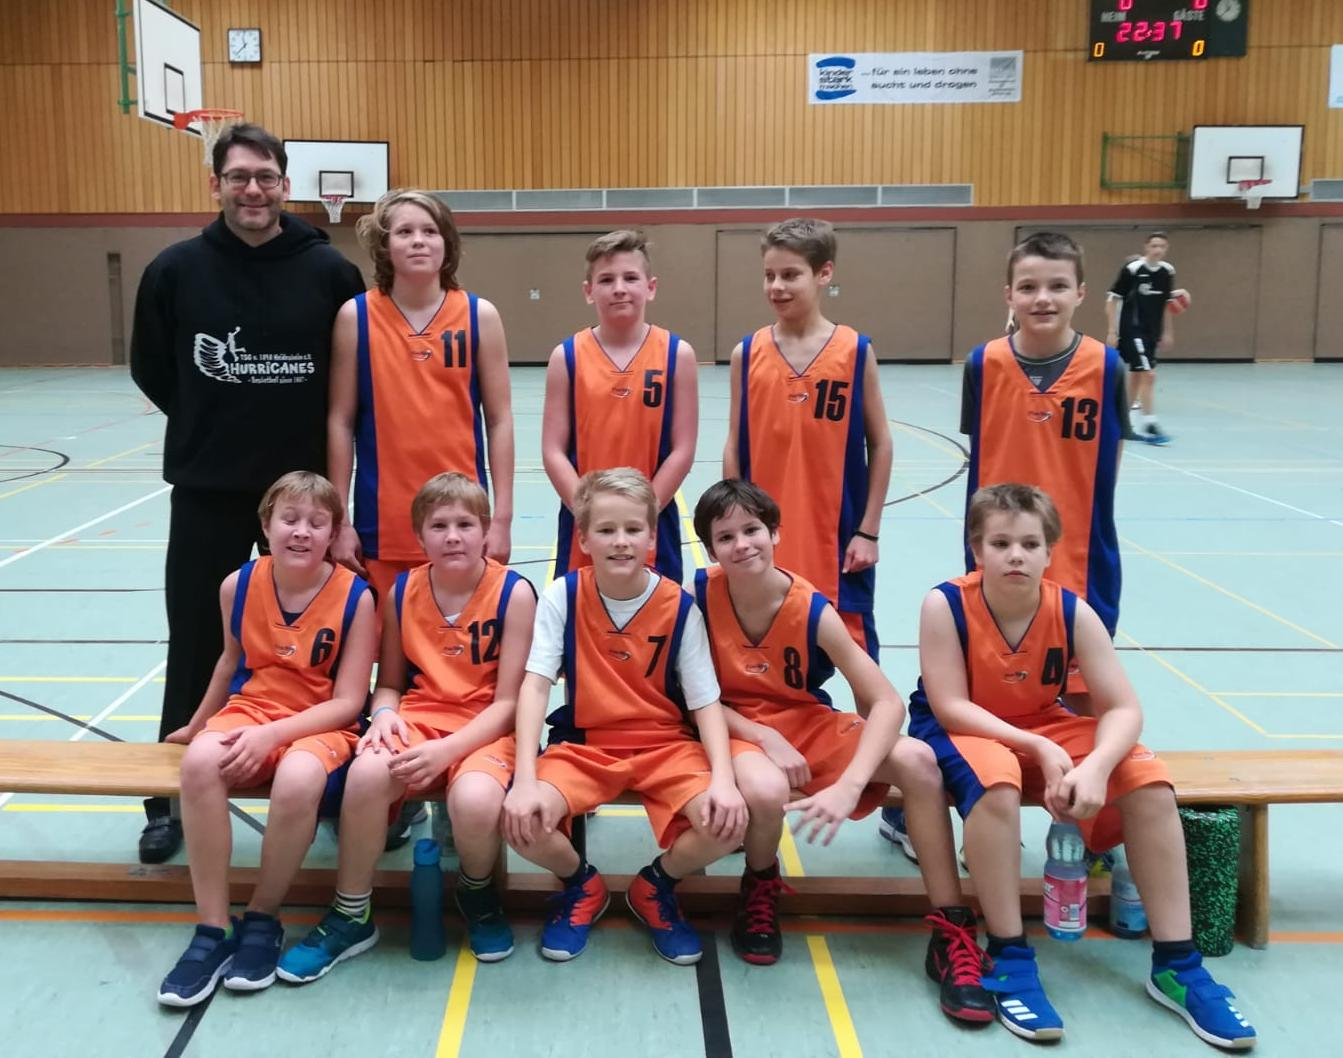 TSG Heidesheim - HURRICANES, U14 männlich